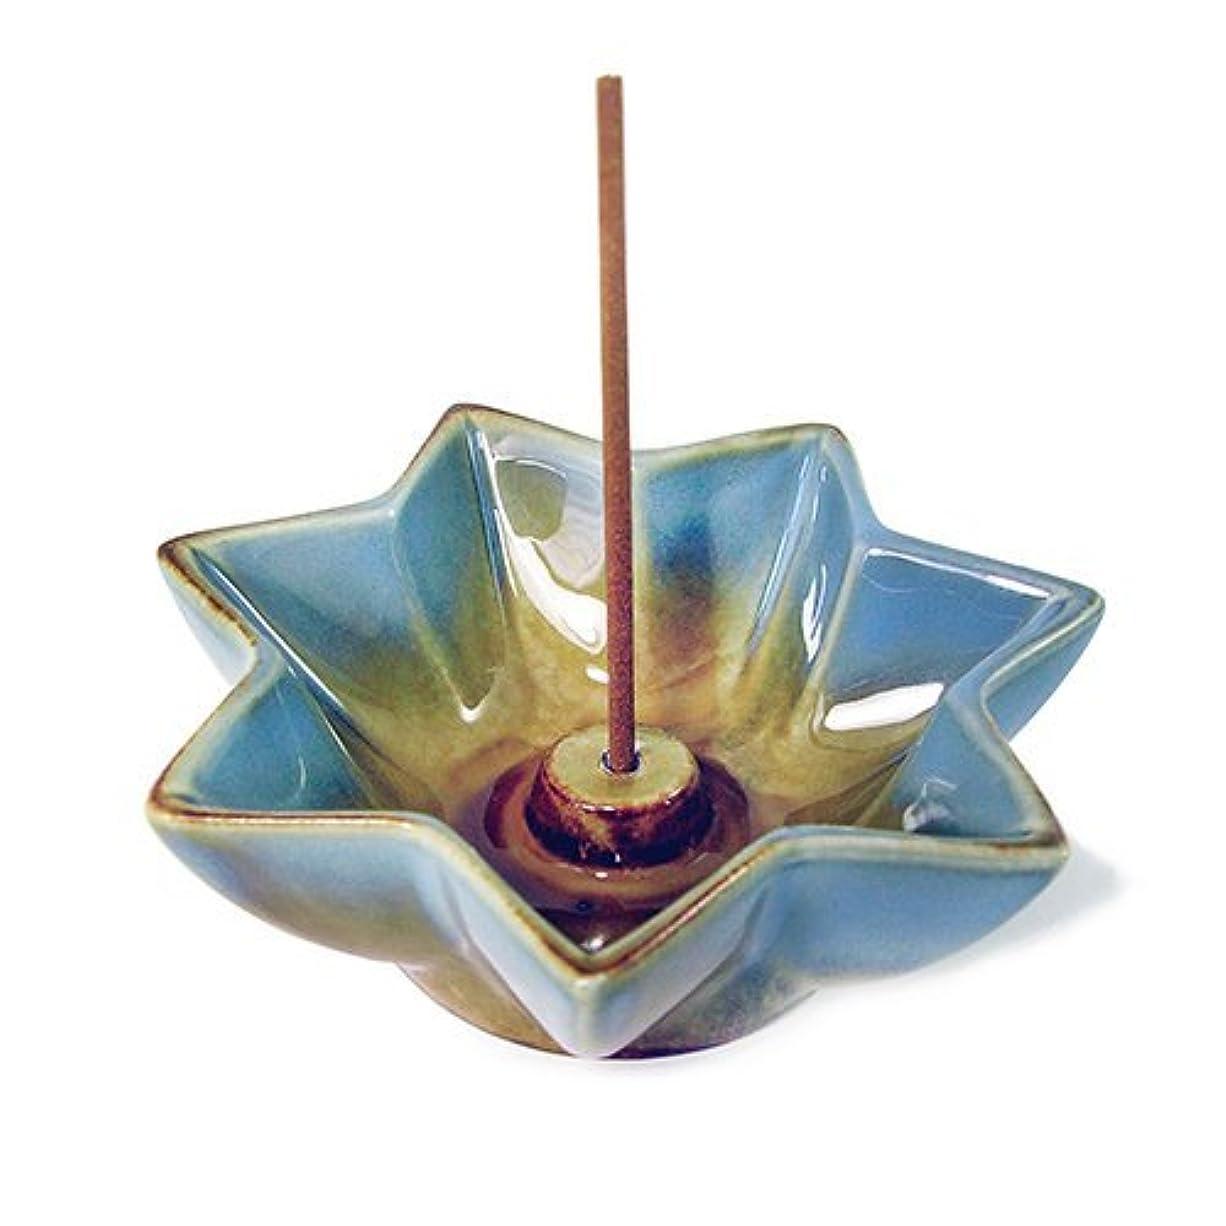 機関パイペストリーShoyeido 's LotusセラミックIncense Holder